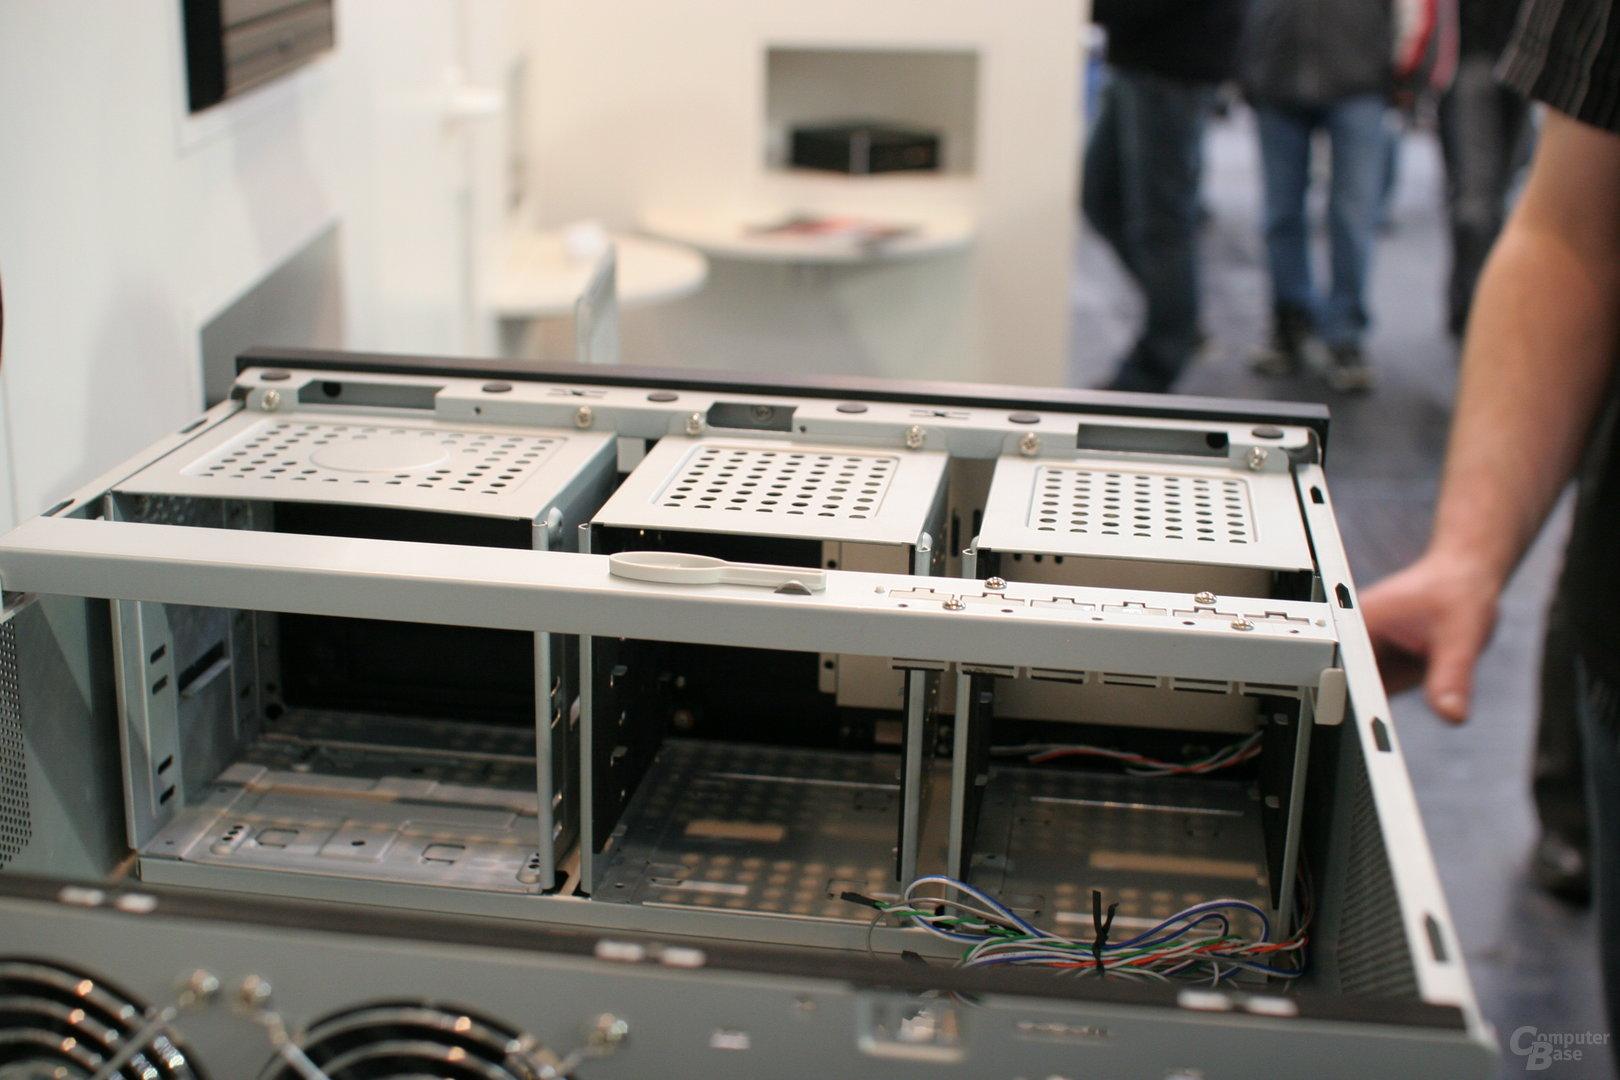 Silverstone Server-Gehäuse